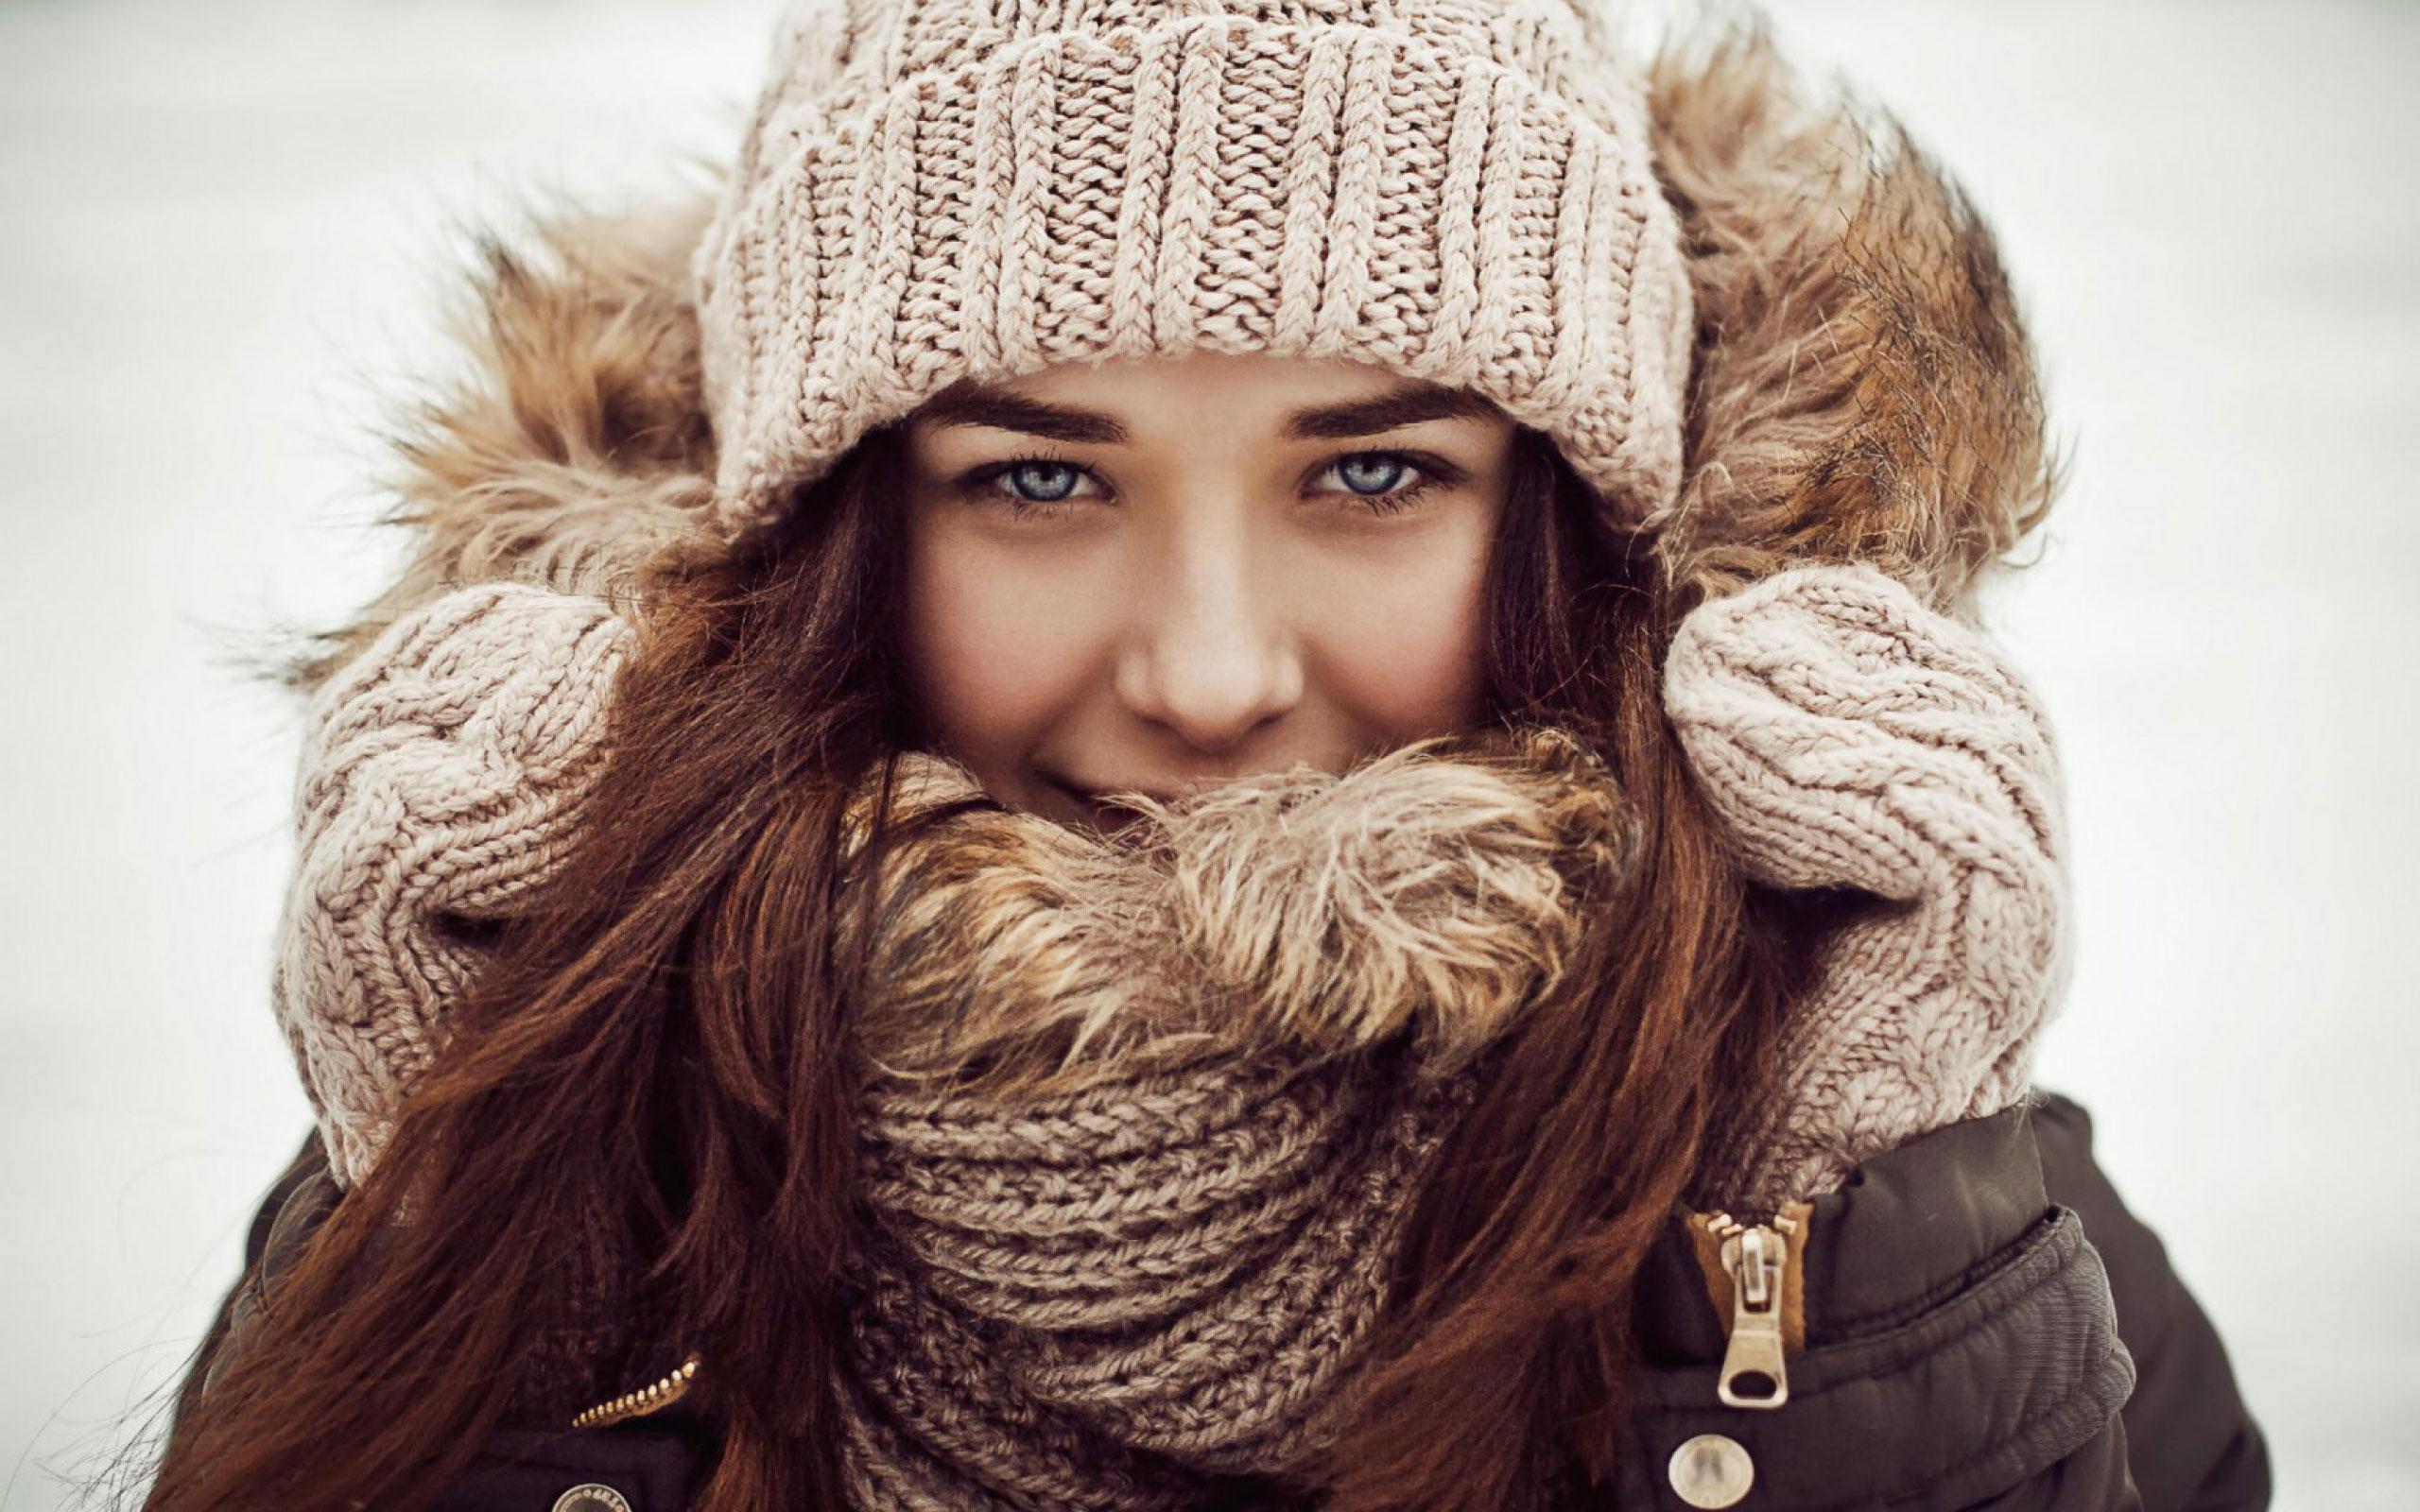 نکات مهم و حیاتی سفر در روز های سرد